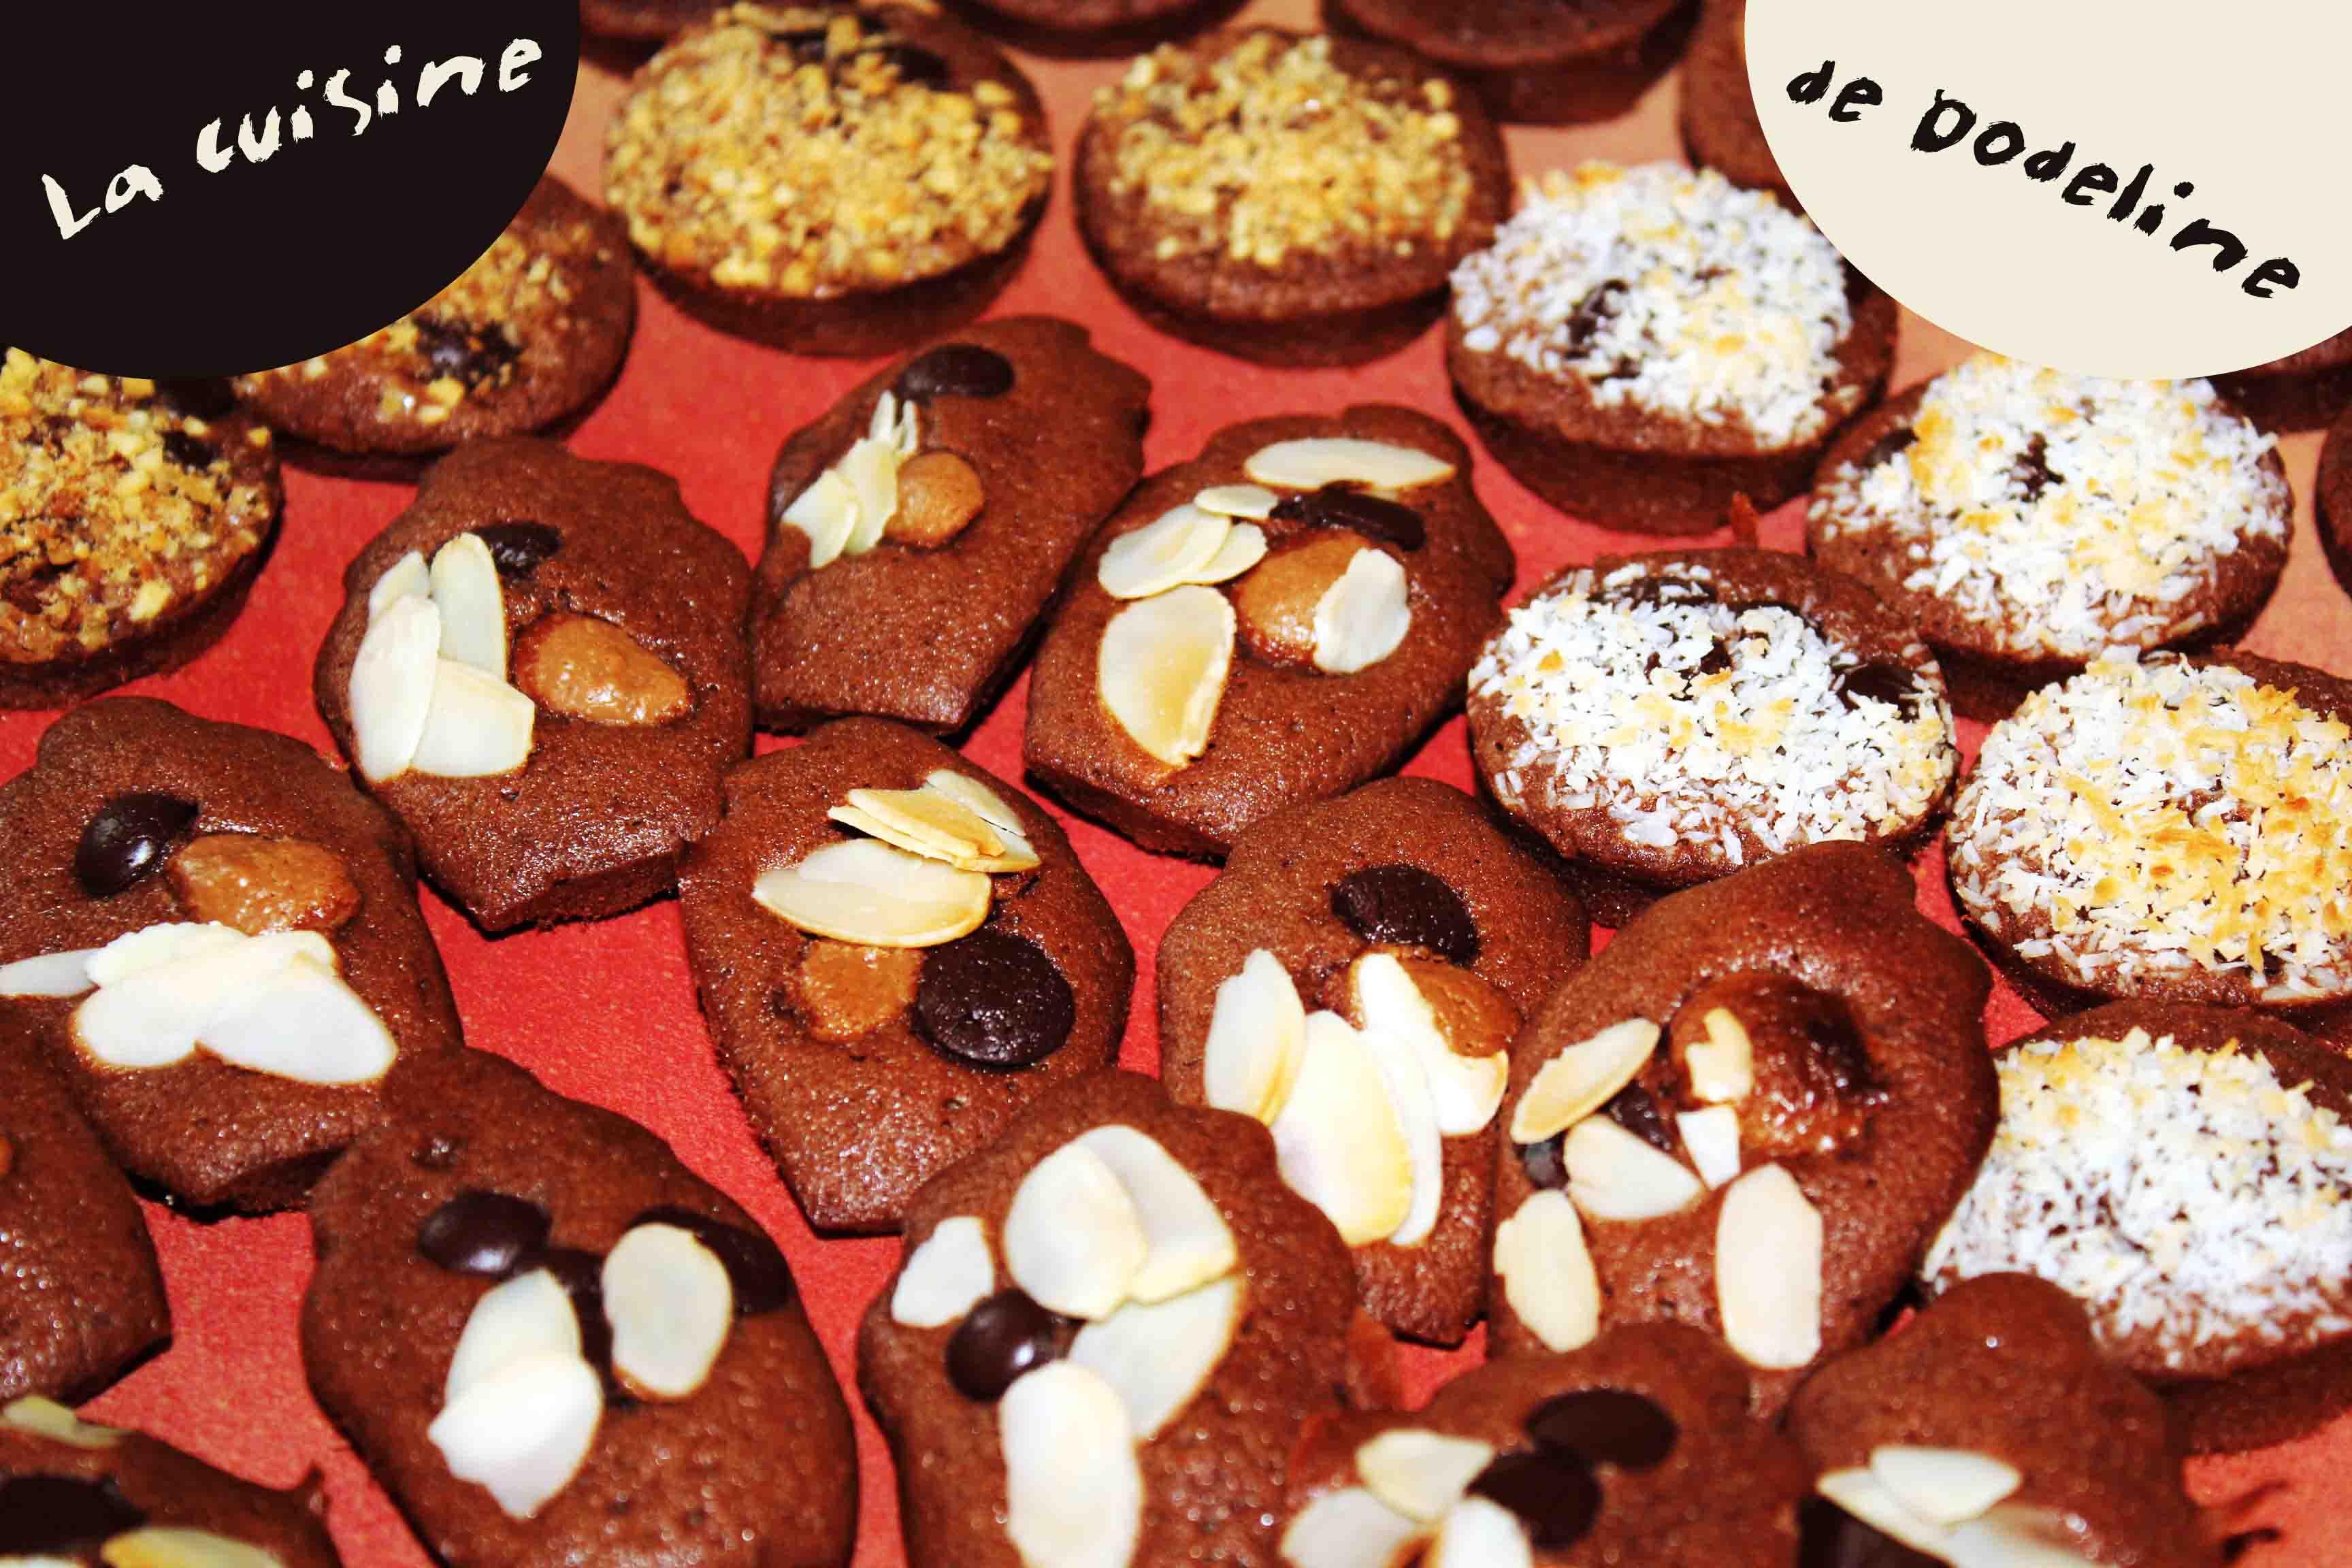 bouchesgourmandesauchocolat1.jpg